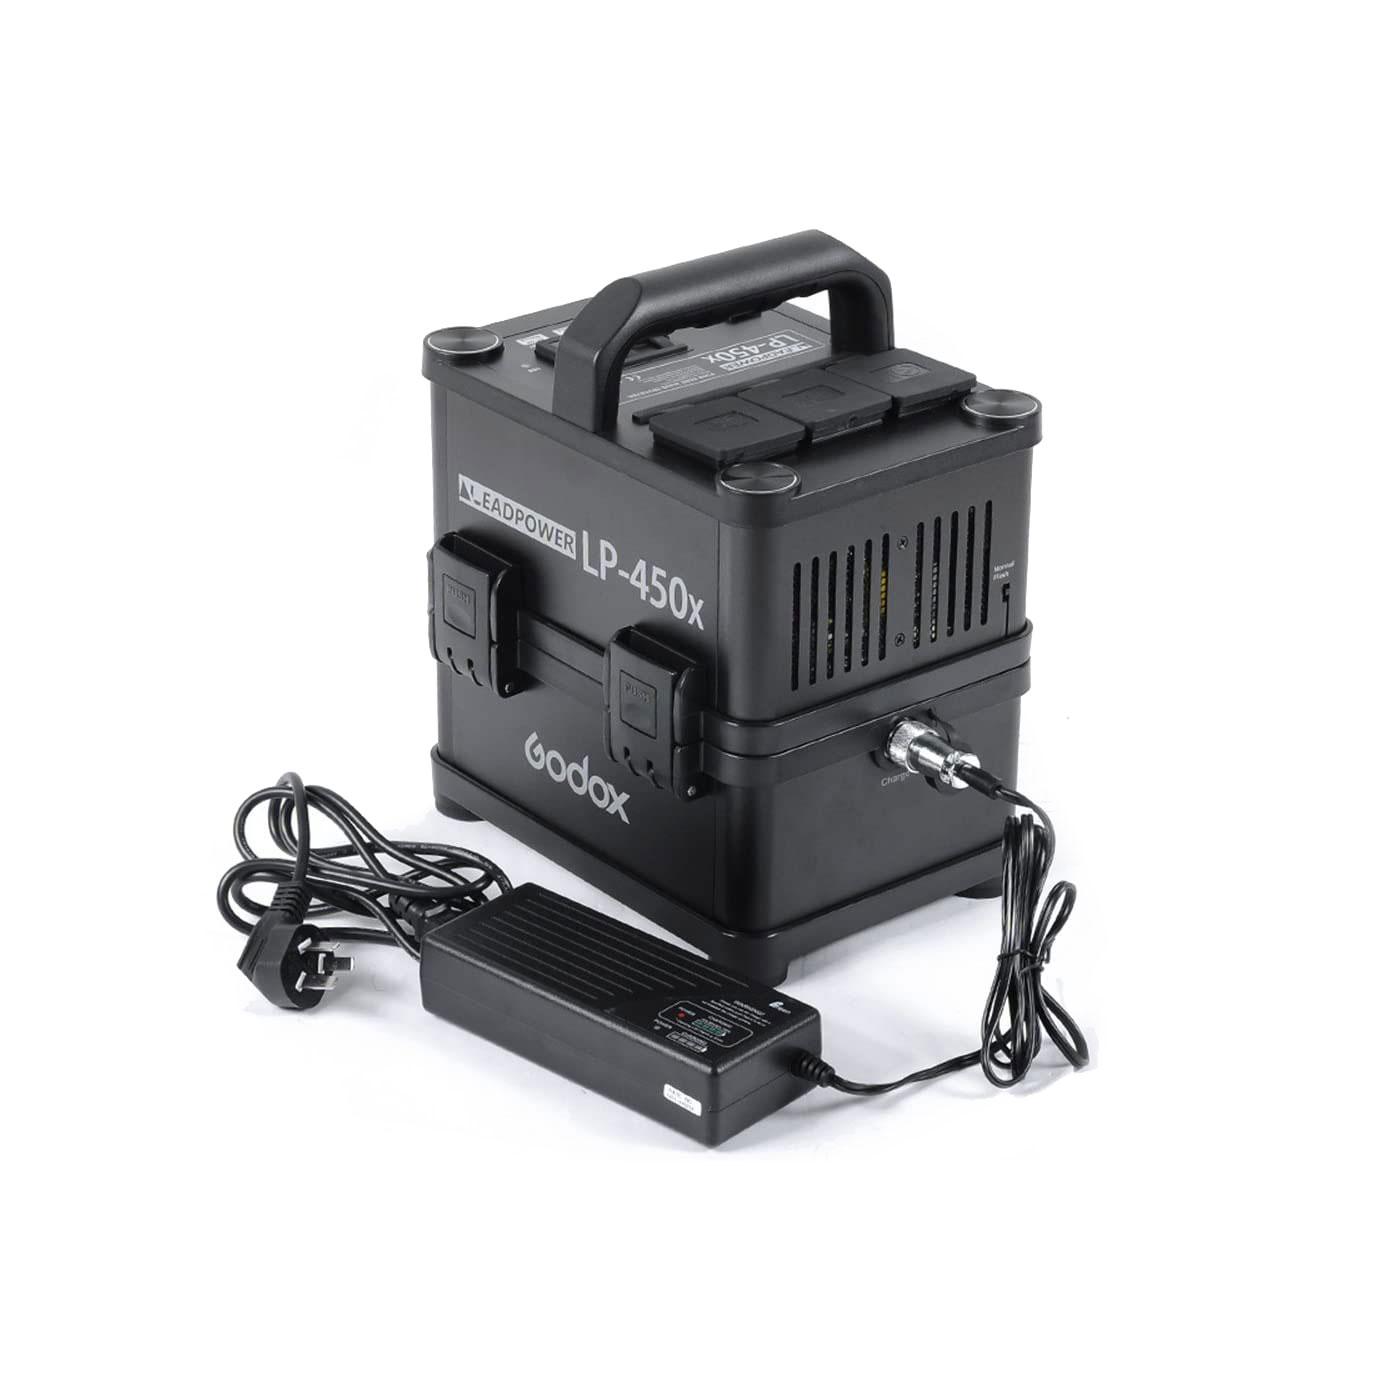 باتری فلاش پرتابل مدل Godox LEADPOWER LP-450X